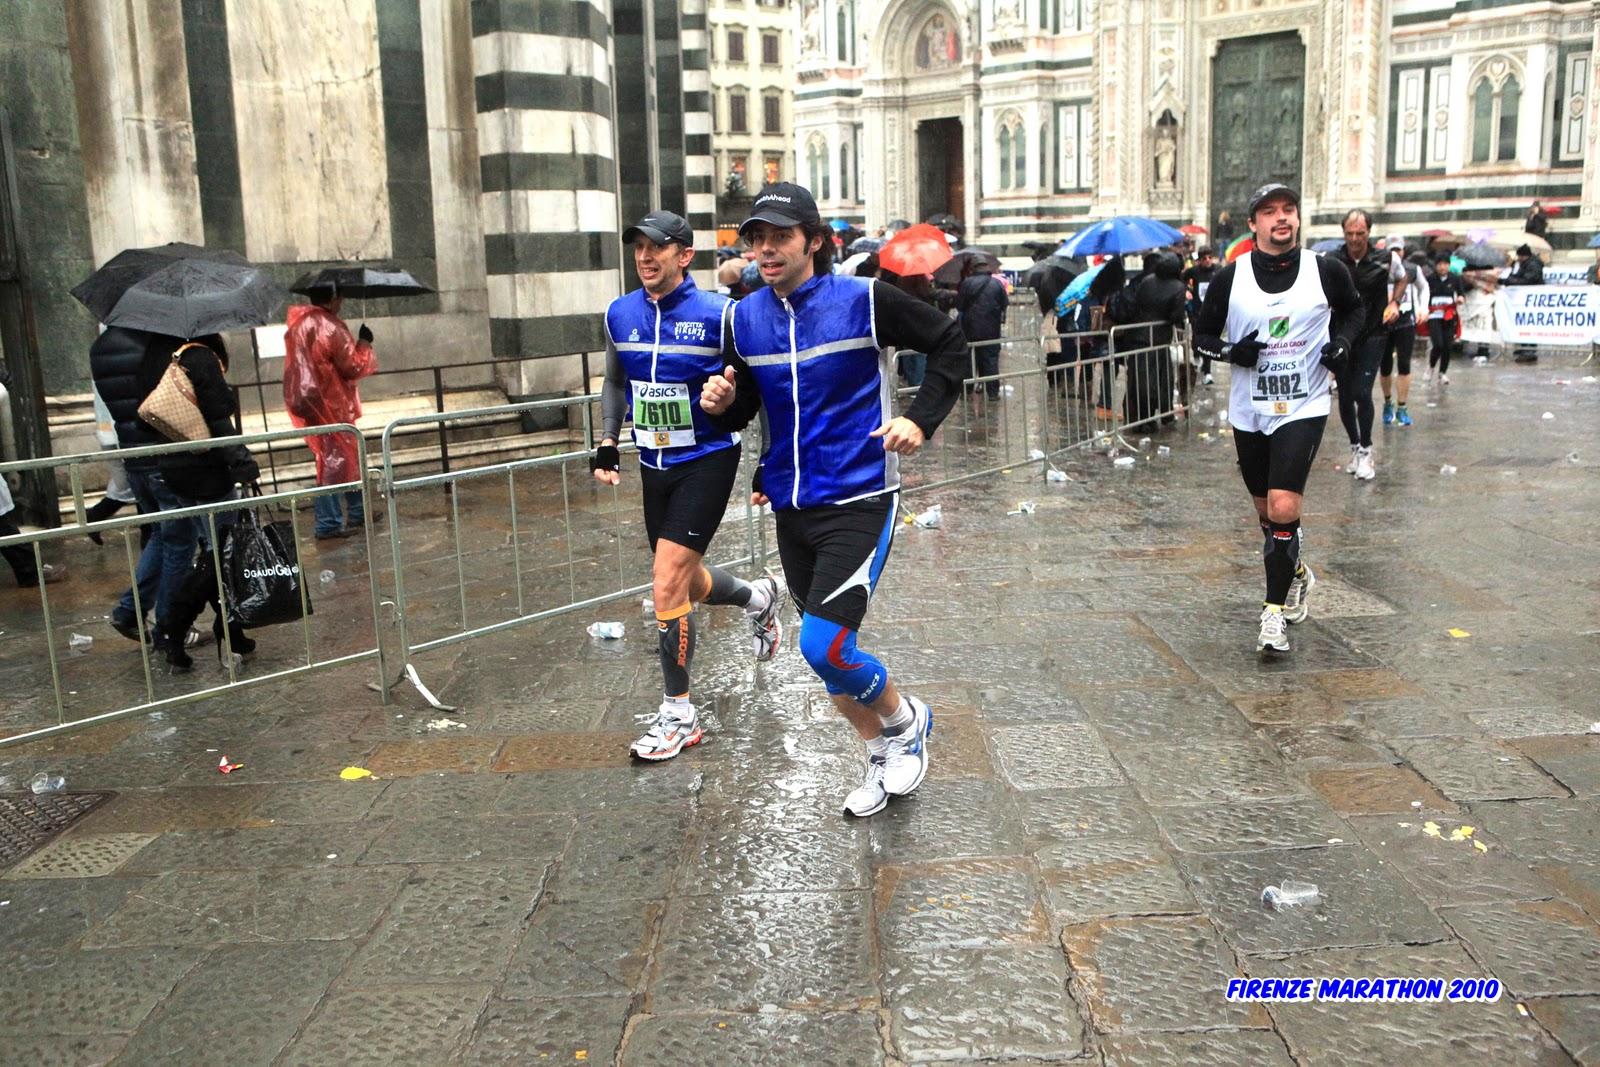 48a82ceb9e Conosco bene questo tratto, ogni corsa che si tiene a Firenze non può  prescindere da partenza, passaggio o arrivo in piazza del Duomo e piazza  della ...